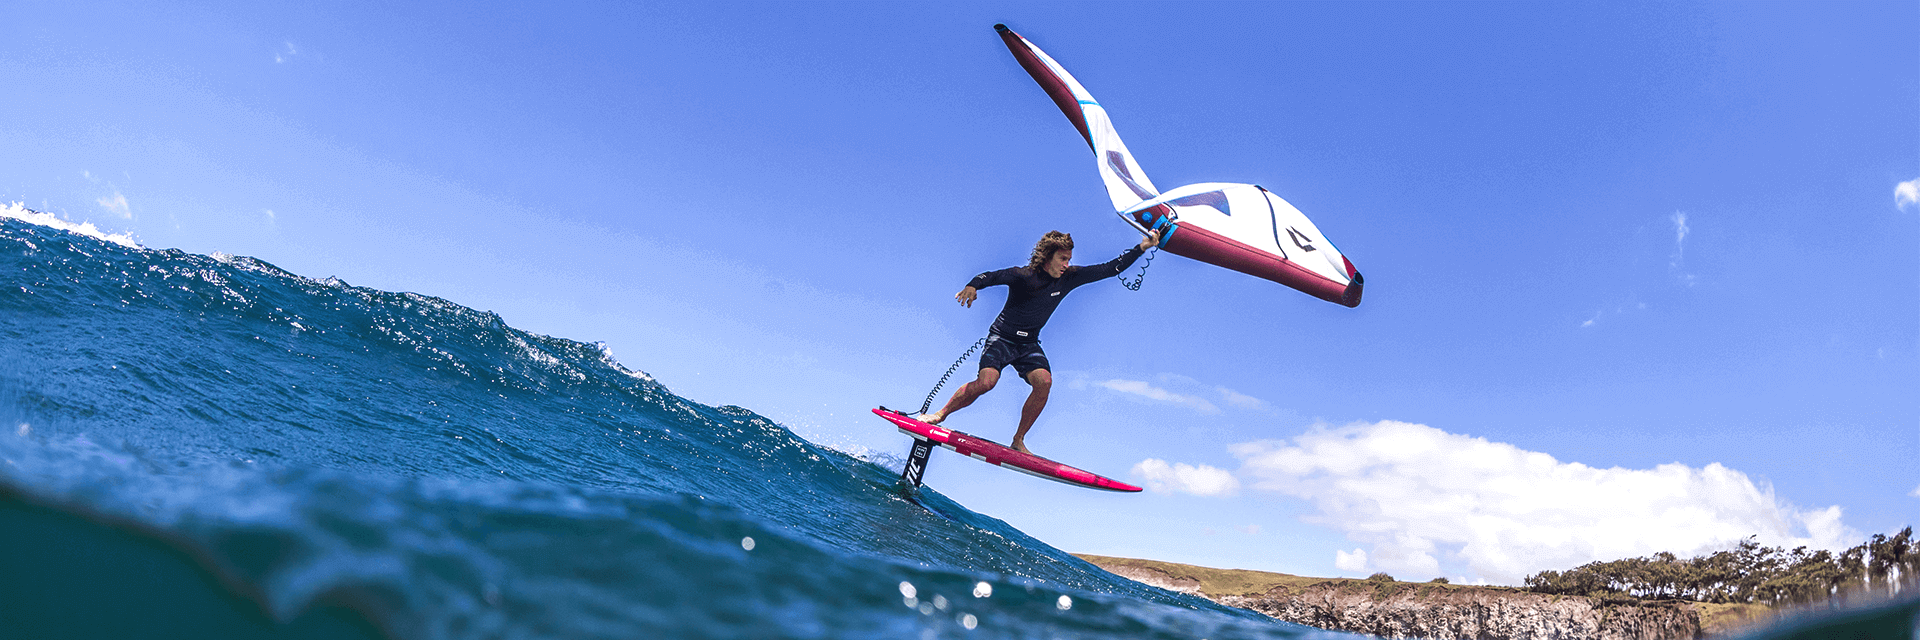 wingsurfen_wing_surfcamp_spain_andalusien